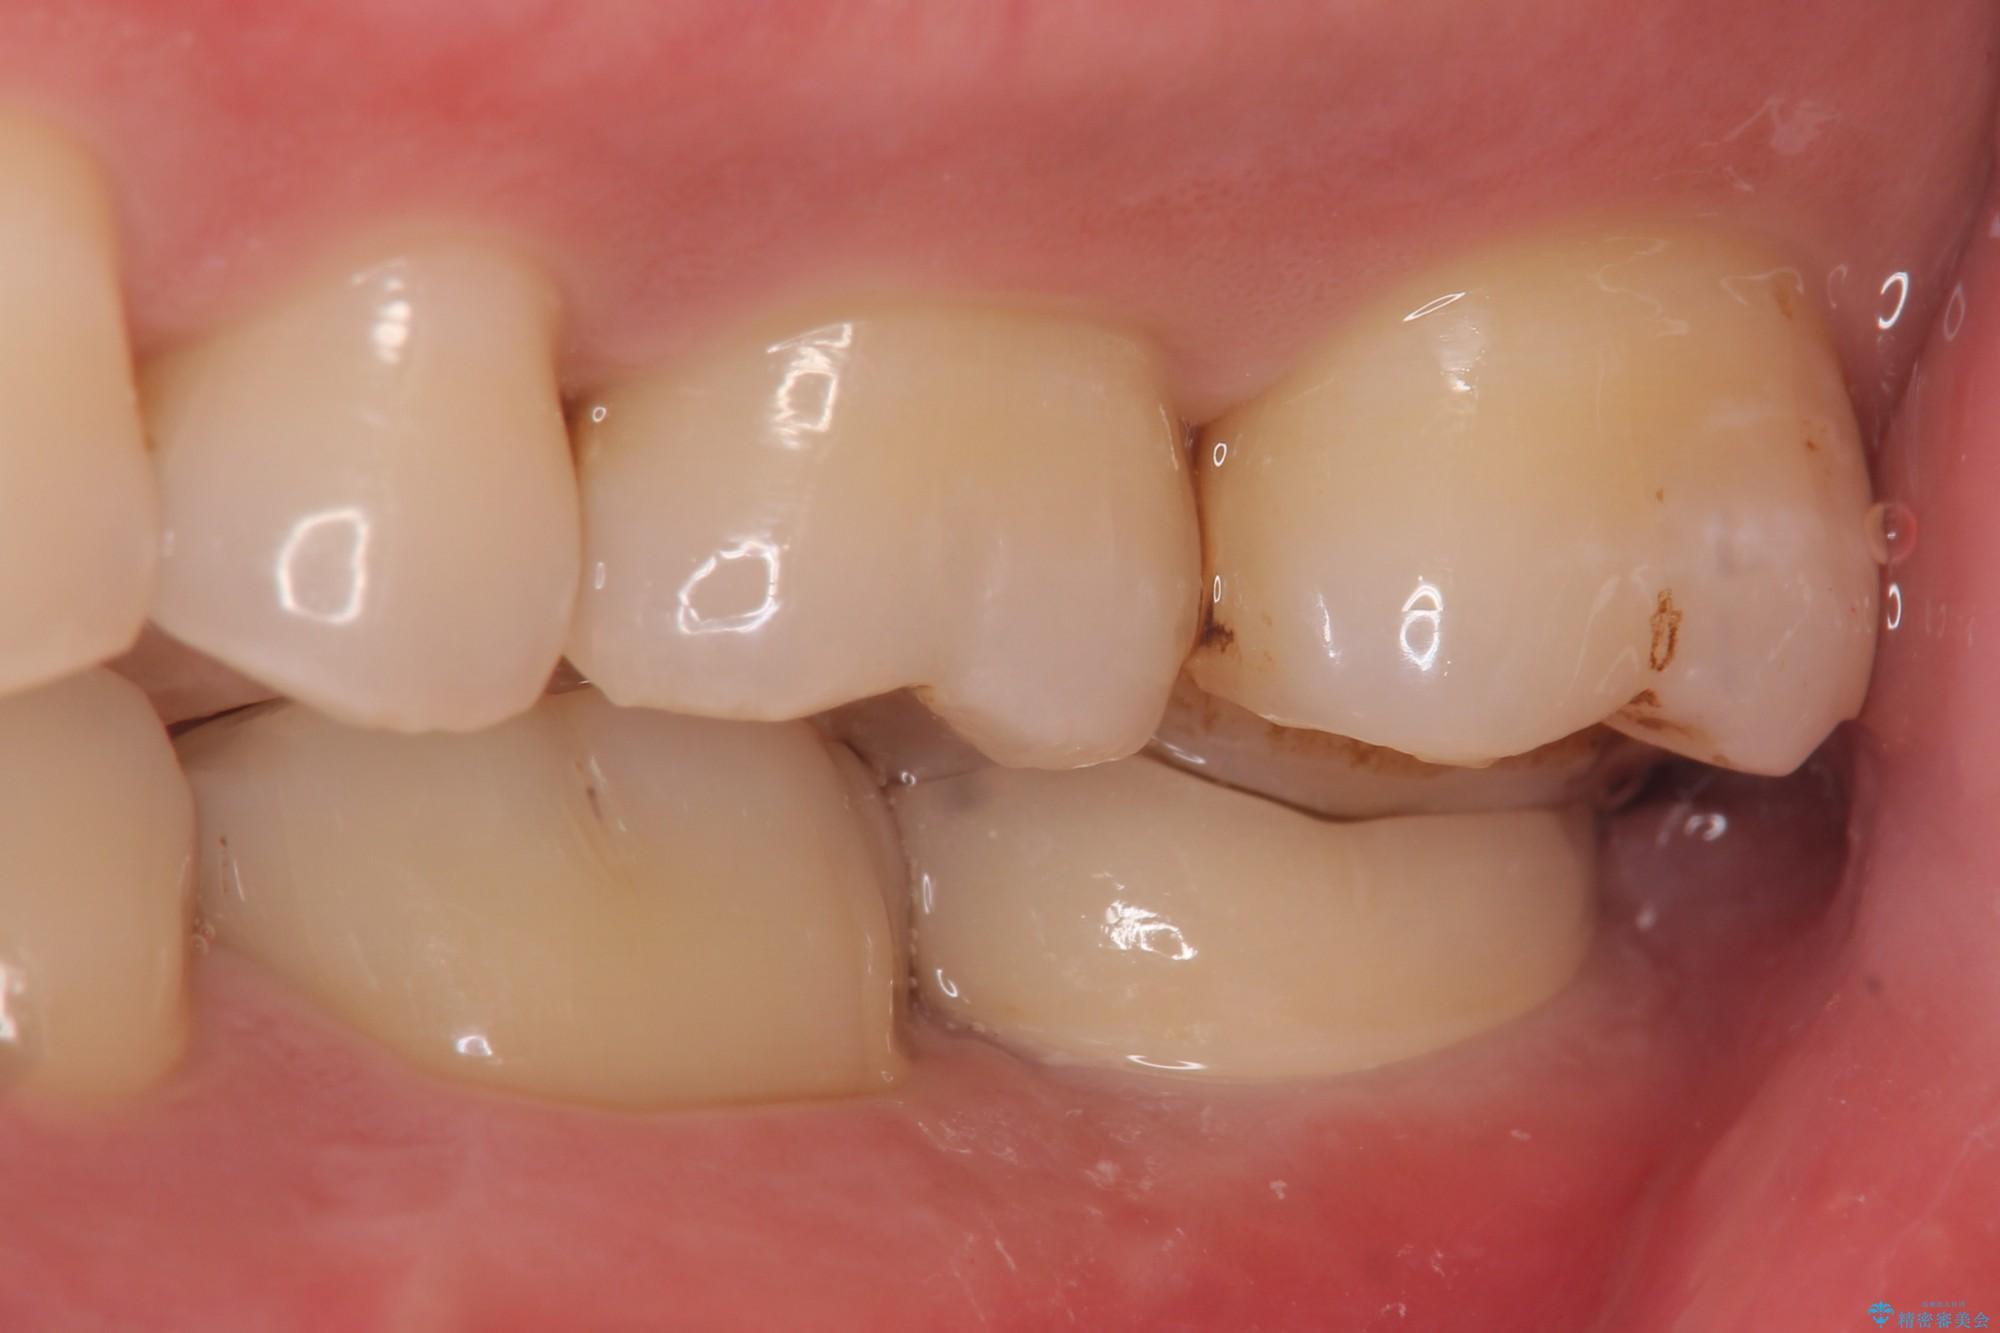 下の奥歯を虫歯で失ってしまった30代男性 ストローマンインプラント 治療後画像